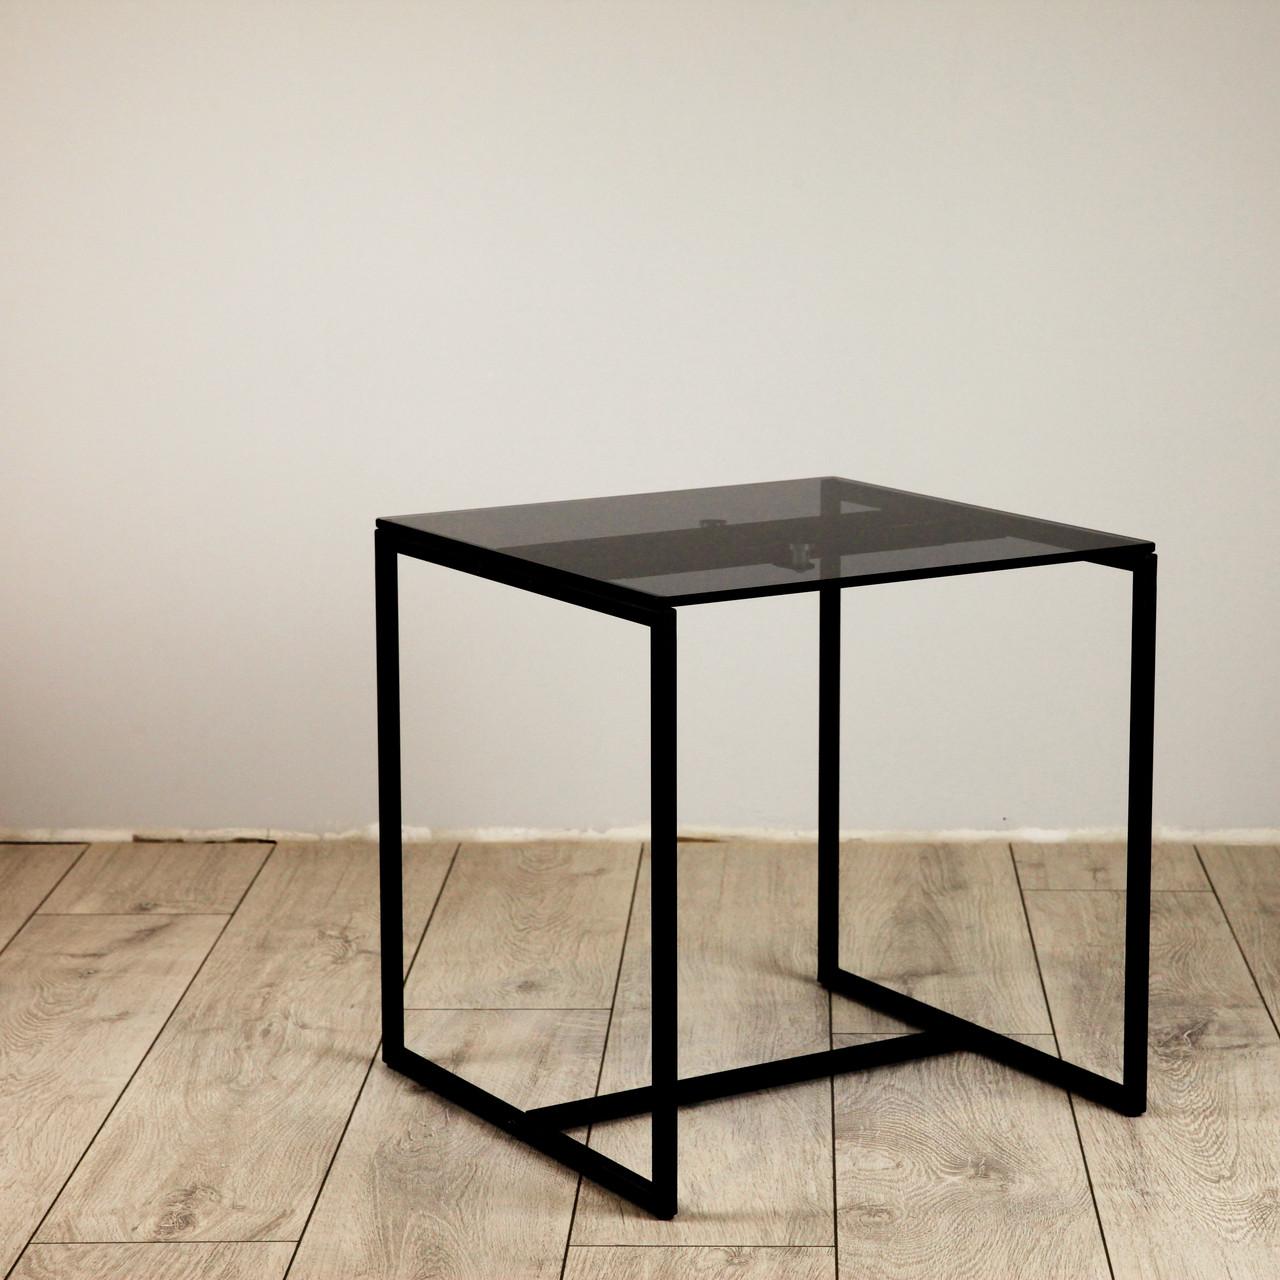 Стол журнальный Куб 400/450 стекло 8 мм Графит - черный (Cub 400/450 gray8-black)